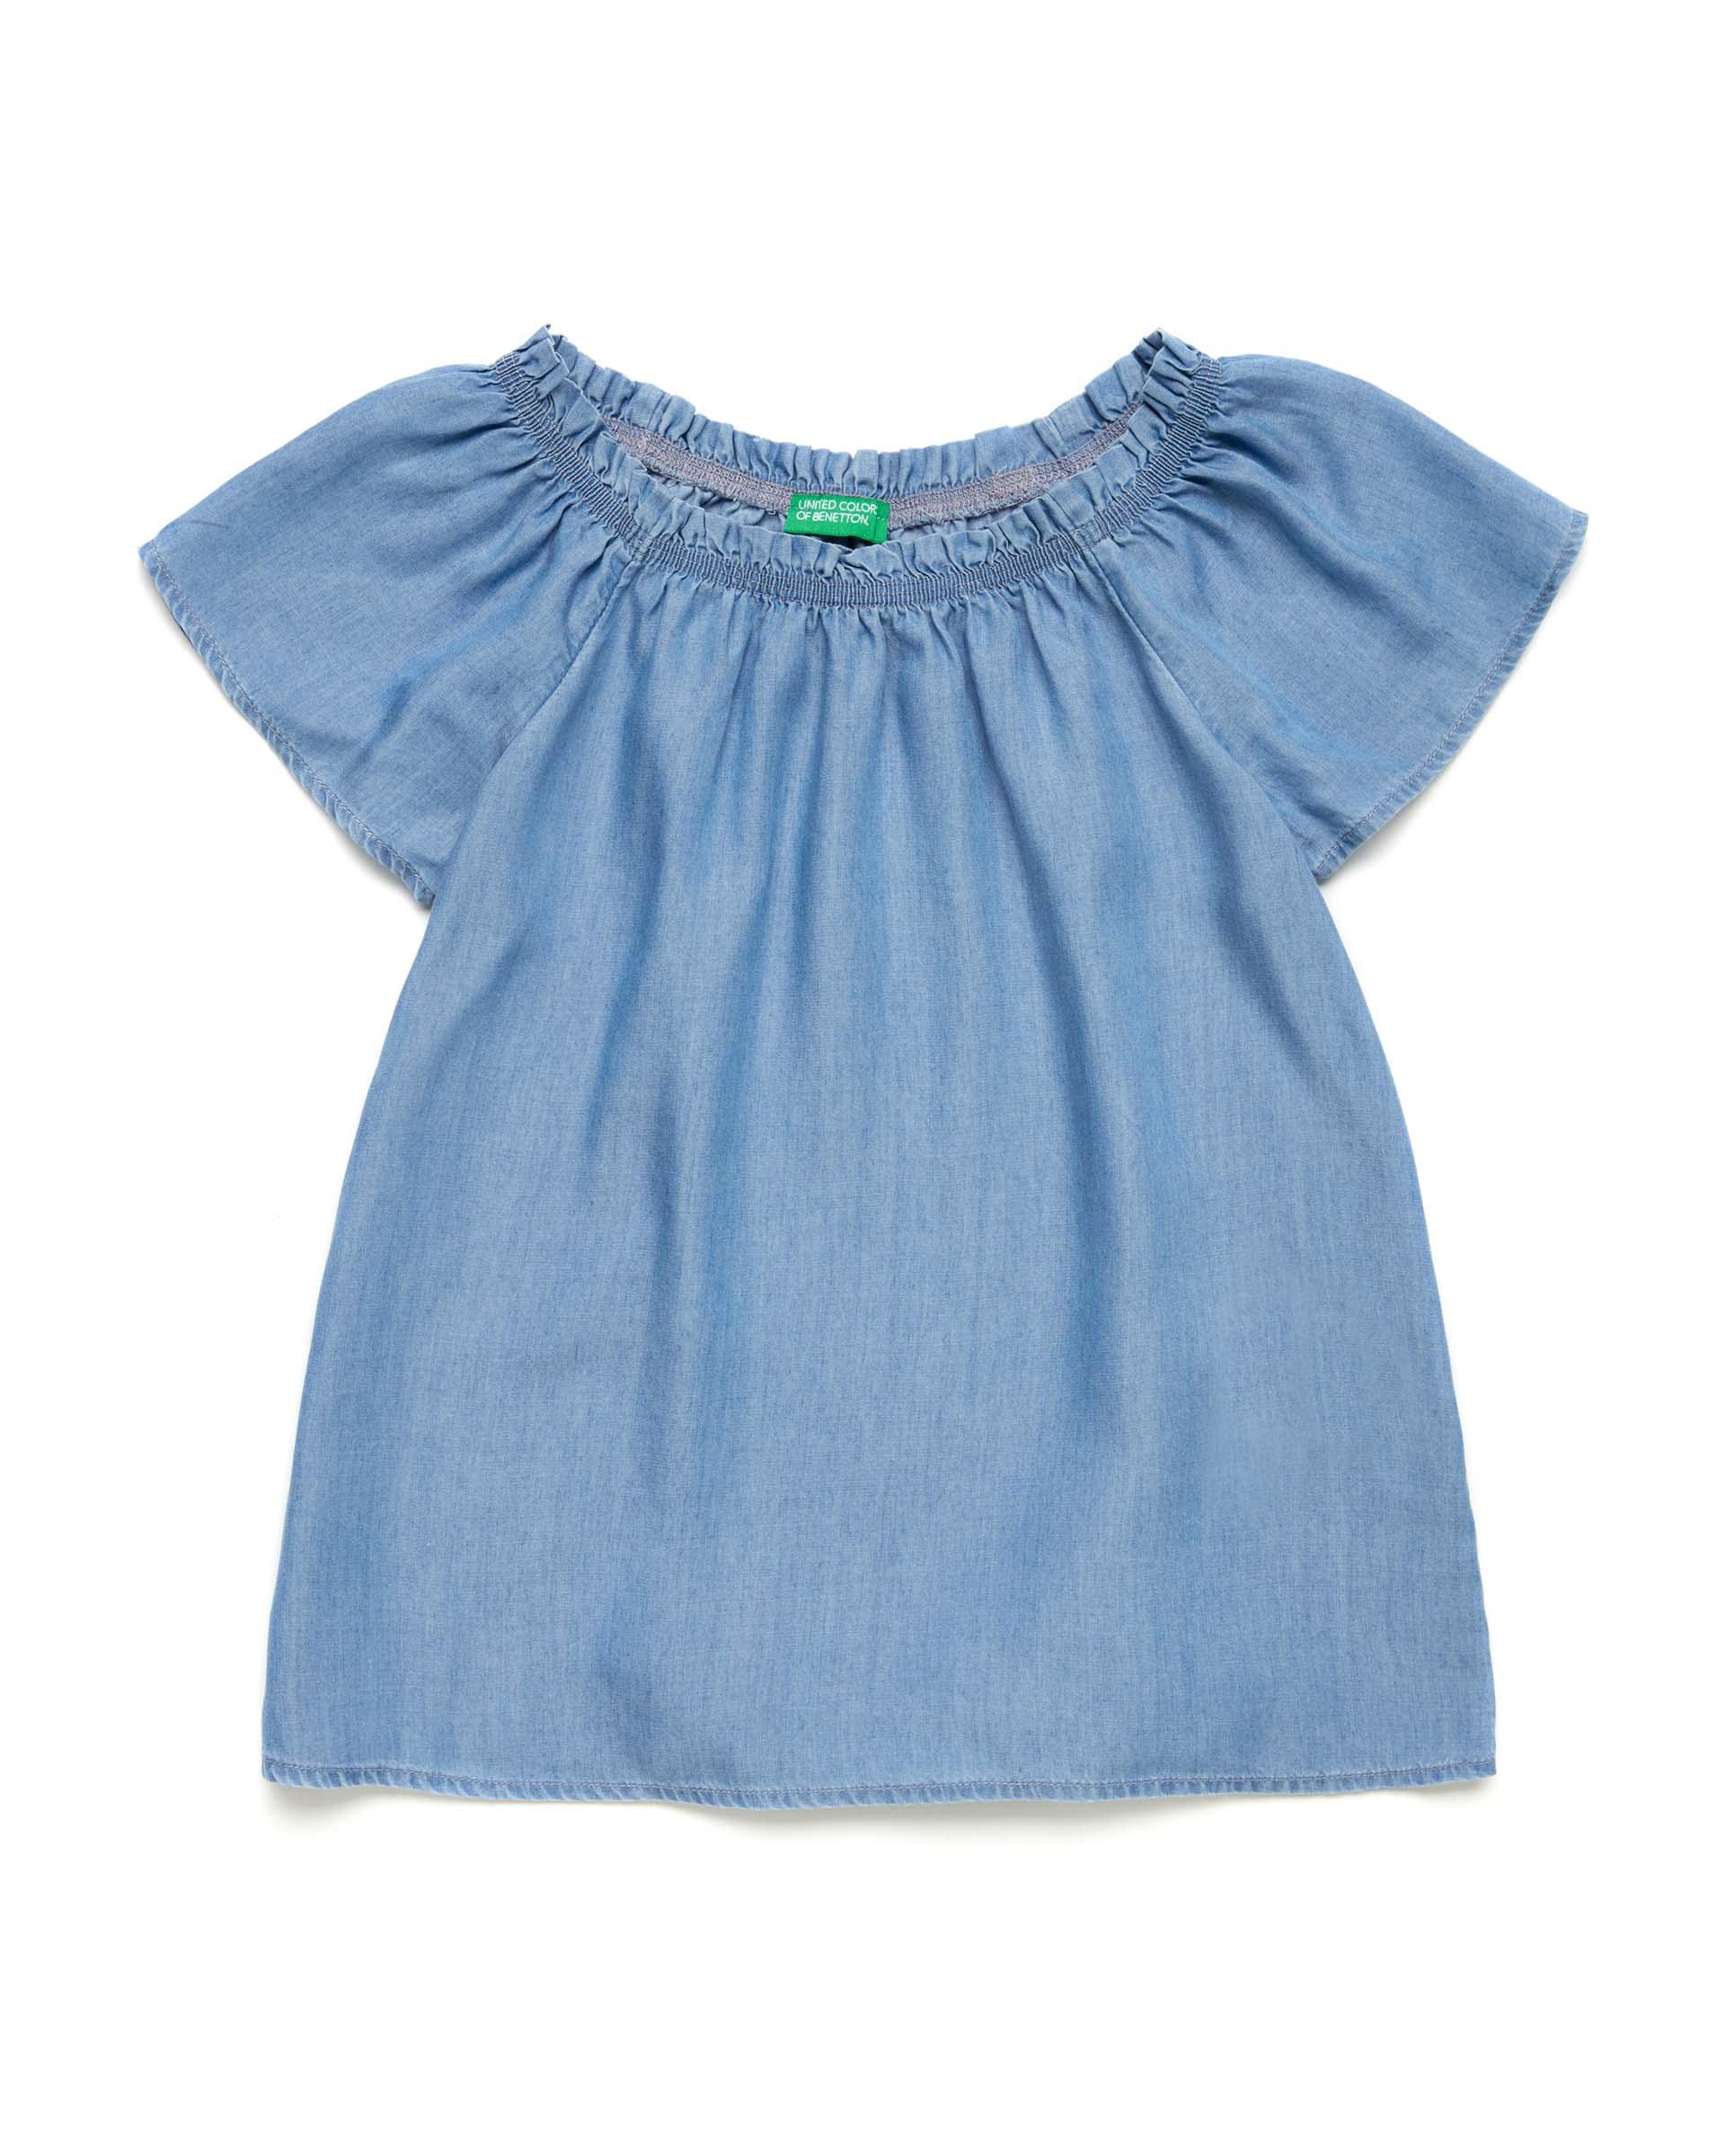 Купить 20P_5DRQ5QH50_901, Блуза для девочек Benetton 5DRQ5QH50_901 р-р 128, United Colors of Benetton, Блузки для девочек